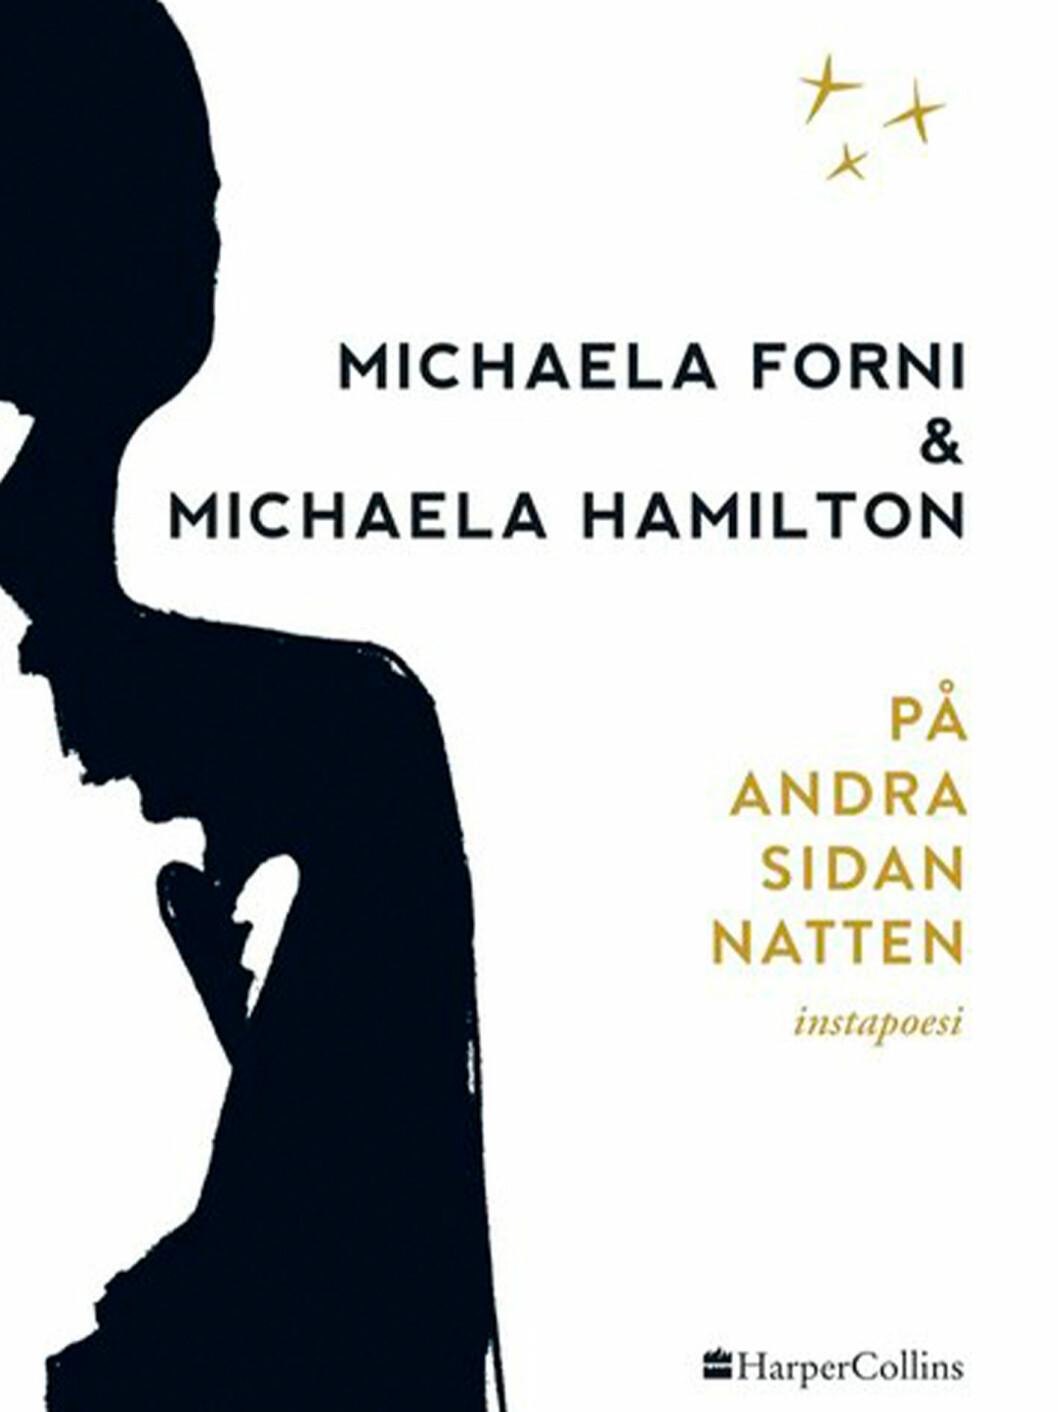 Bokomslag till På andra sidan natten, Ilustration av en person i vänstra hörnet.